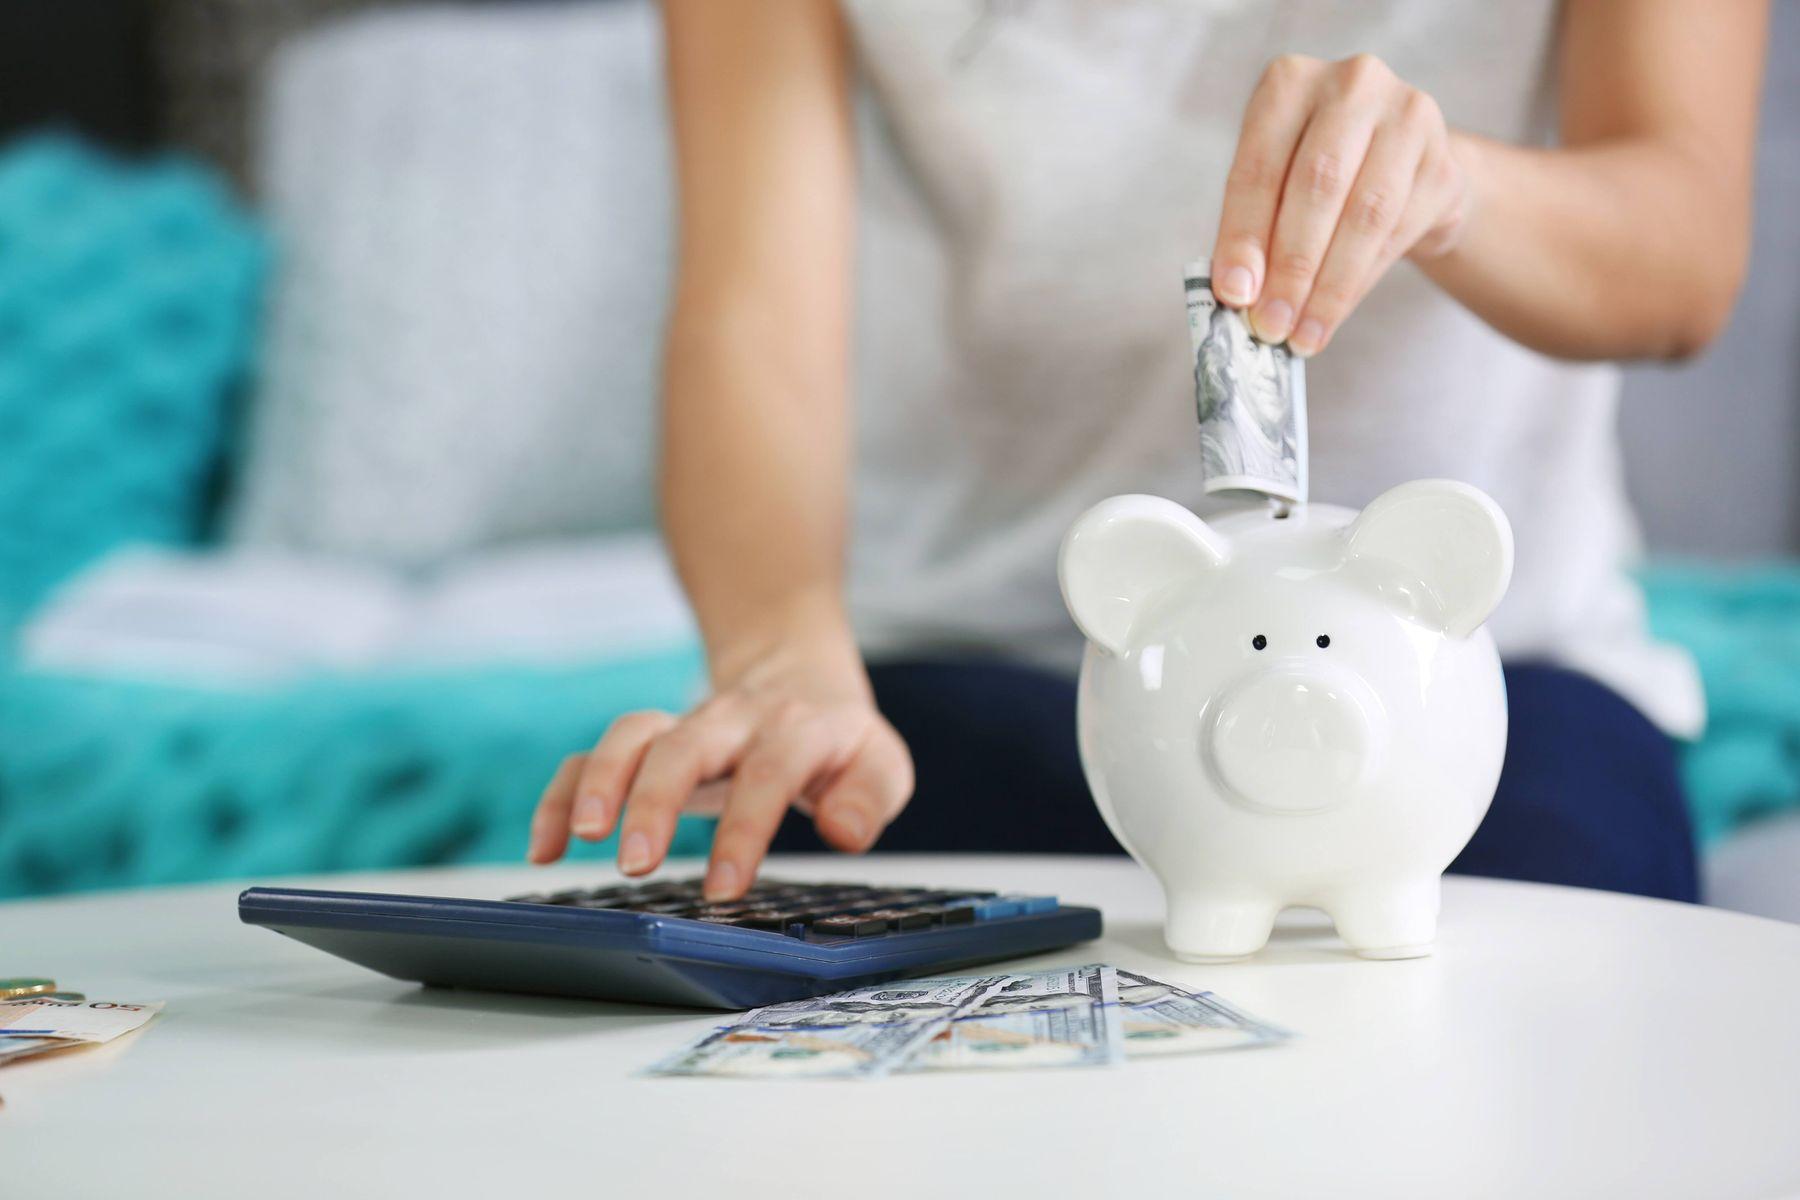 Cách quản lý chi tiêu gia đình - luôn đặt ra mục tiêu để có động lực tiết kiệm tiền